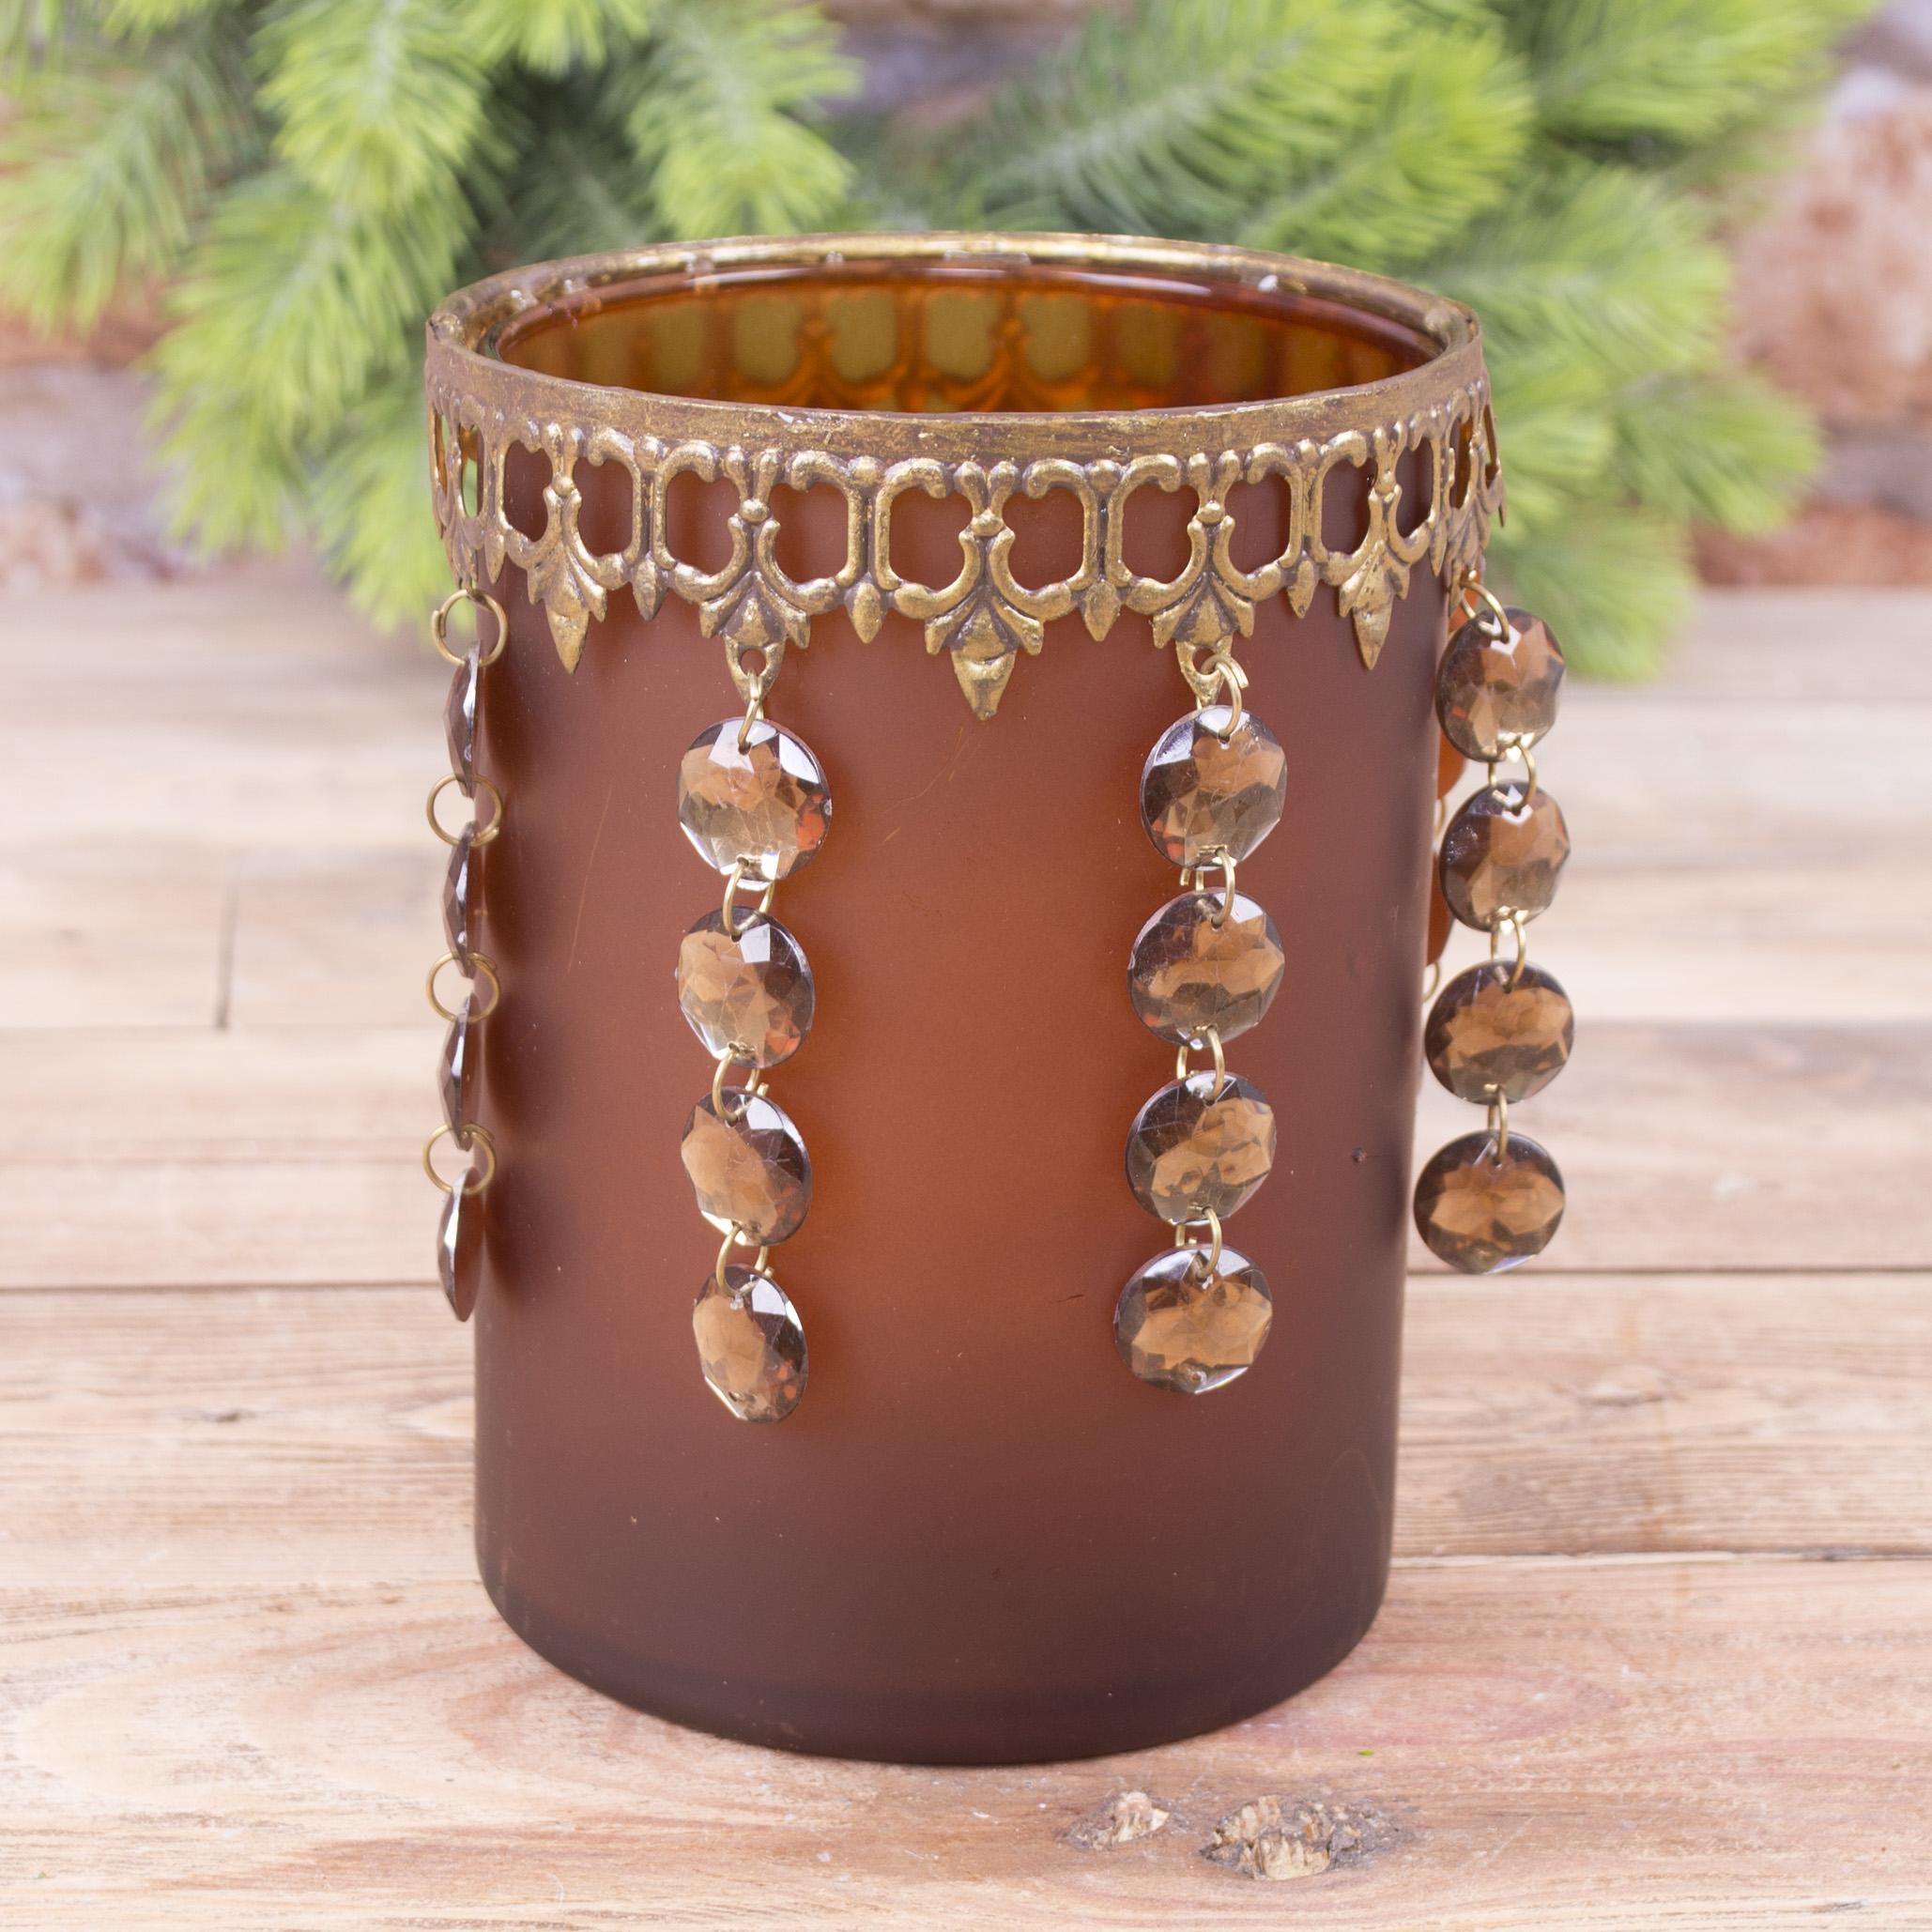 стеклянный подсвечник коричневый с висячими кристаллами (большой)